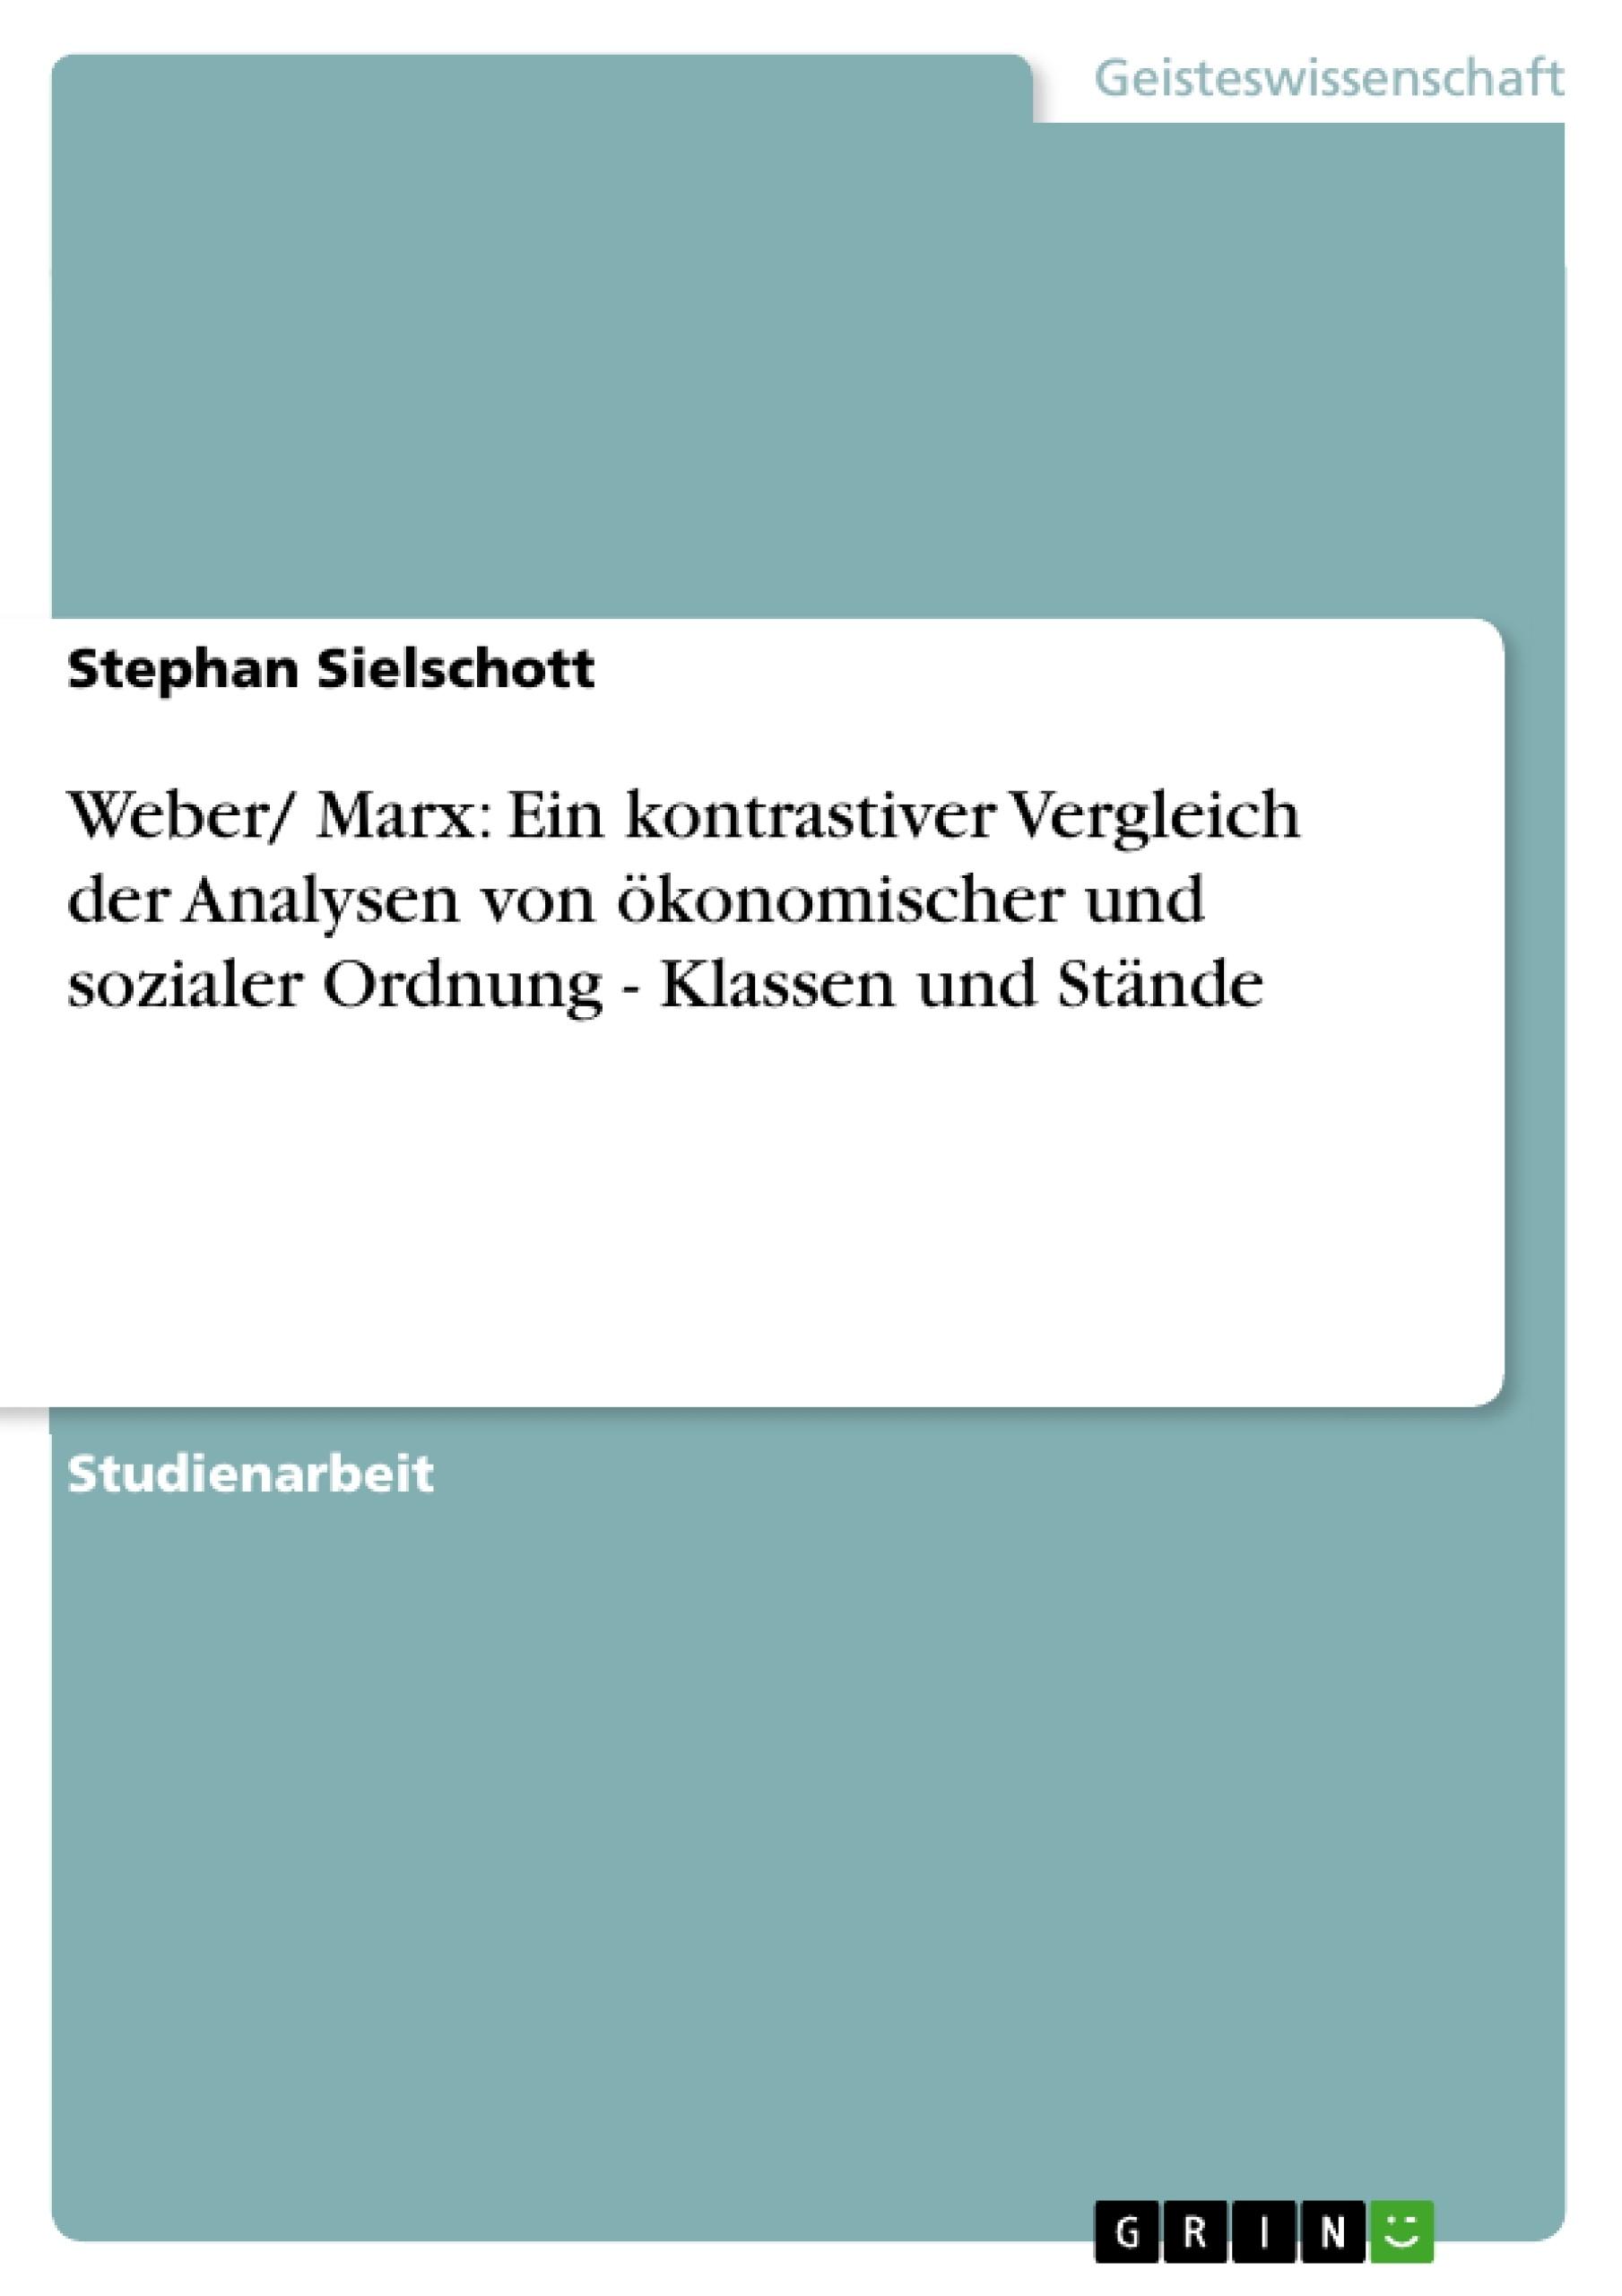 Titel: Weber/ Marx: Ein kontrastiver Vergleich der Analysen von ökonomischer und sozialer Ordnung - Klassen und Stände